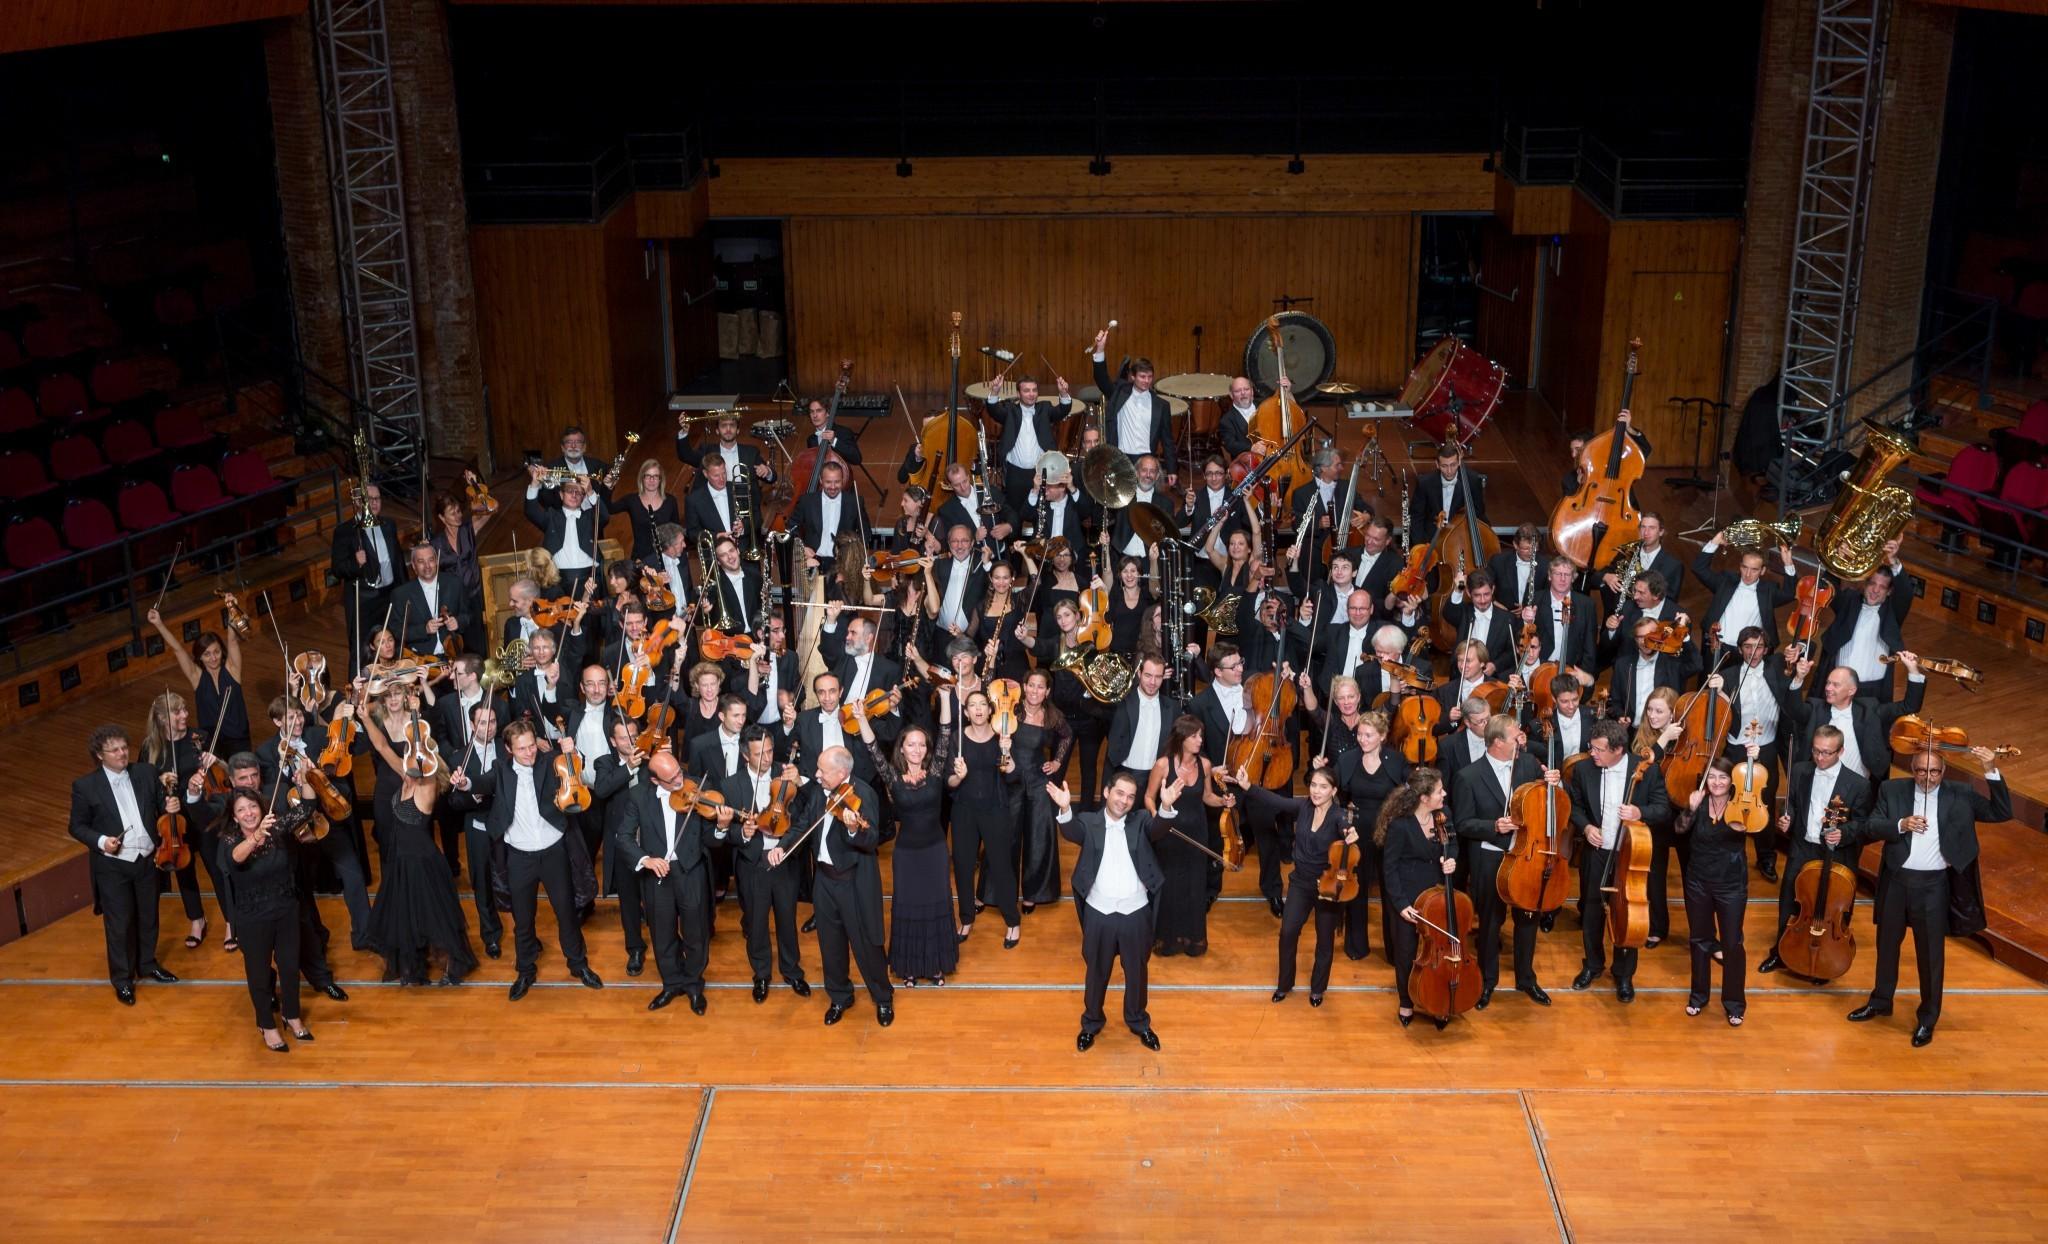 Les victoires de la musique classique photo